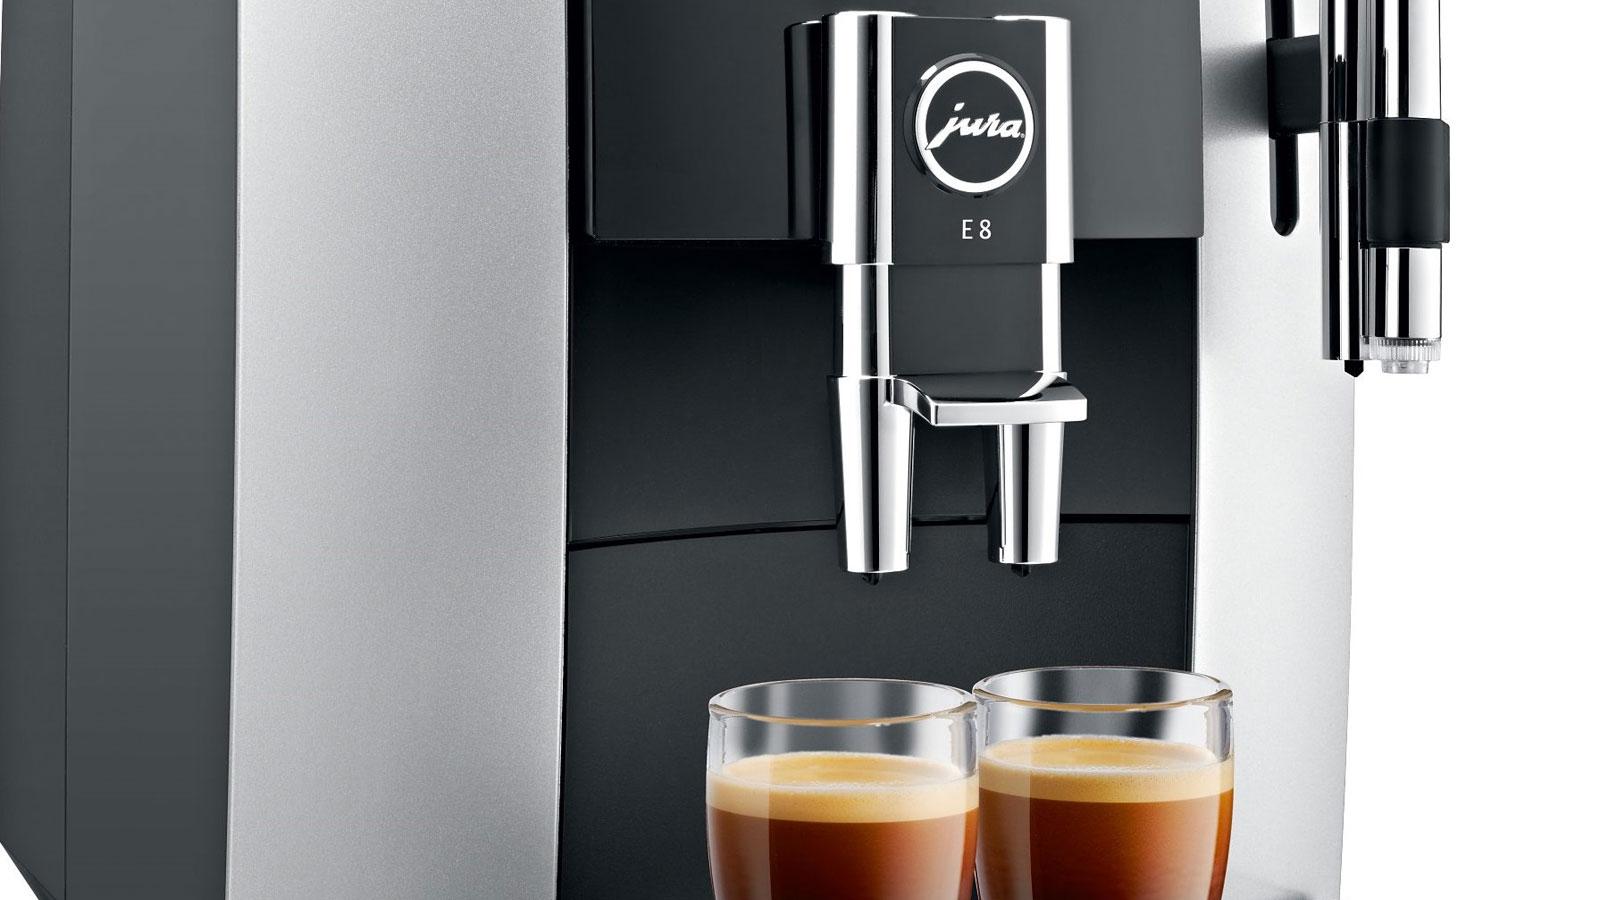 JURA-Kaffeemaschine reinigen und entkalken